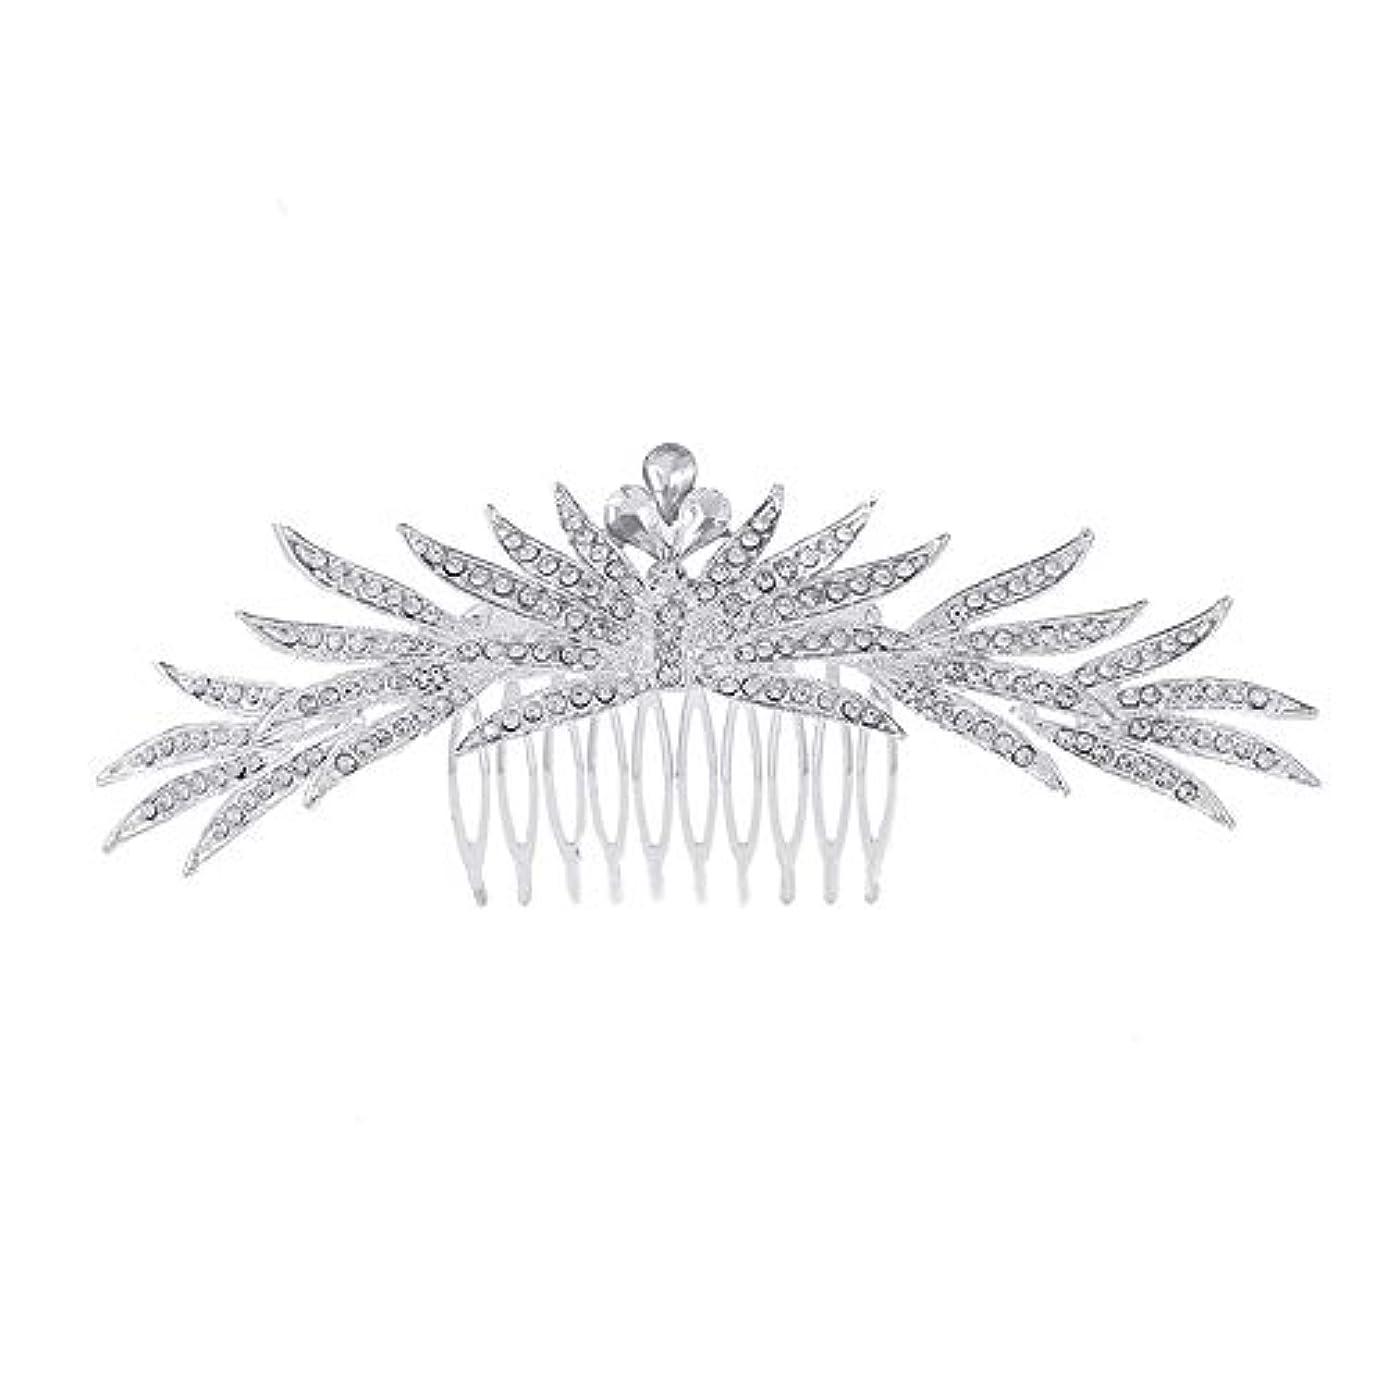 誓い拘束配管工髪の櫛の櫛の櫛花嫁の髪の櫛ラインストーンの櫛亜鉛合金ブライダルヘッドドレス結婚式のアクセサリー挿入櫛